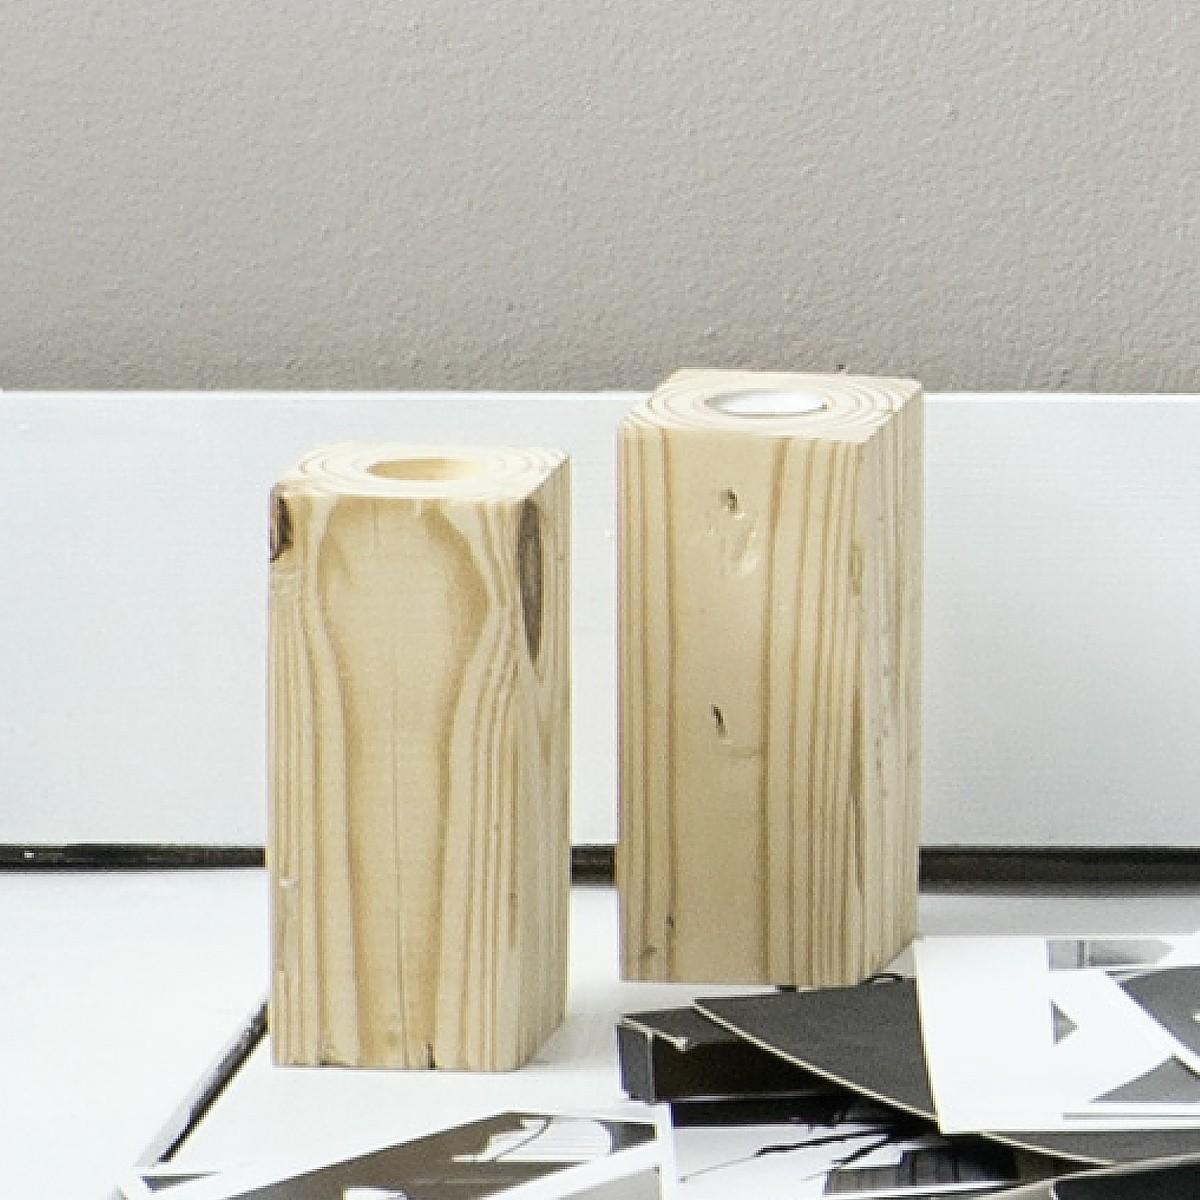 Κηροπήγιο (9x9x12) Nima Deco Ξύλο home   διακόσμηση   κηροπήγια   φαναράκια